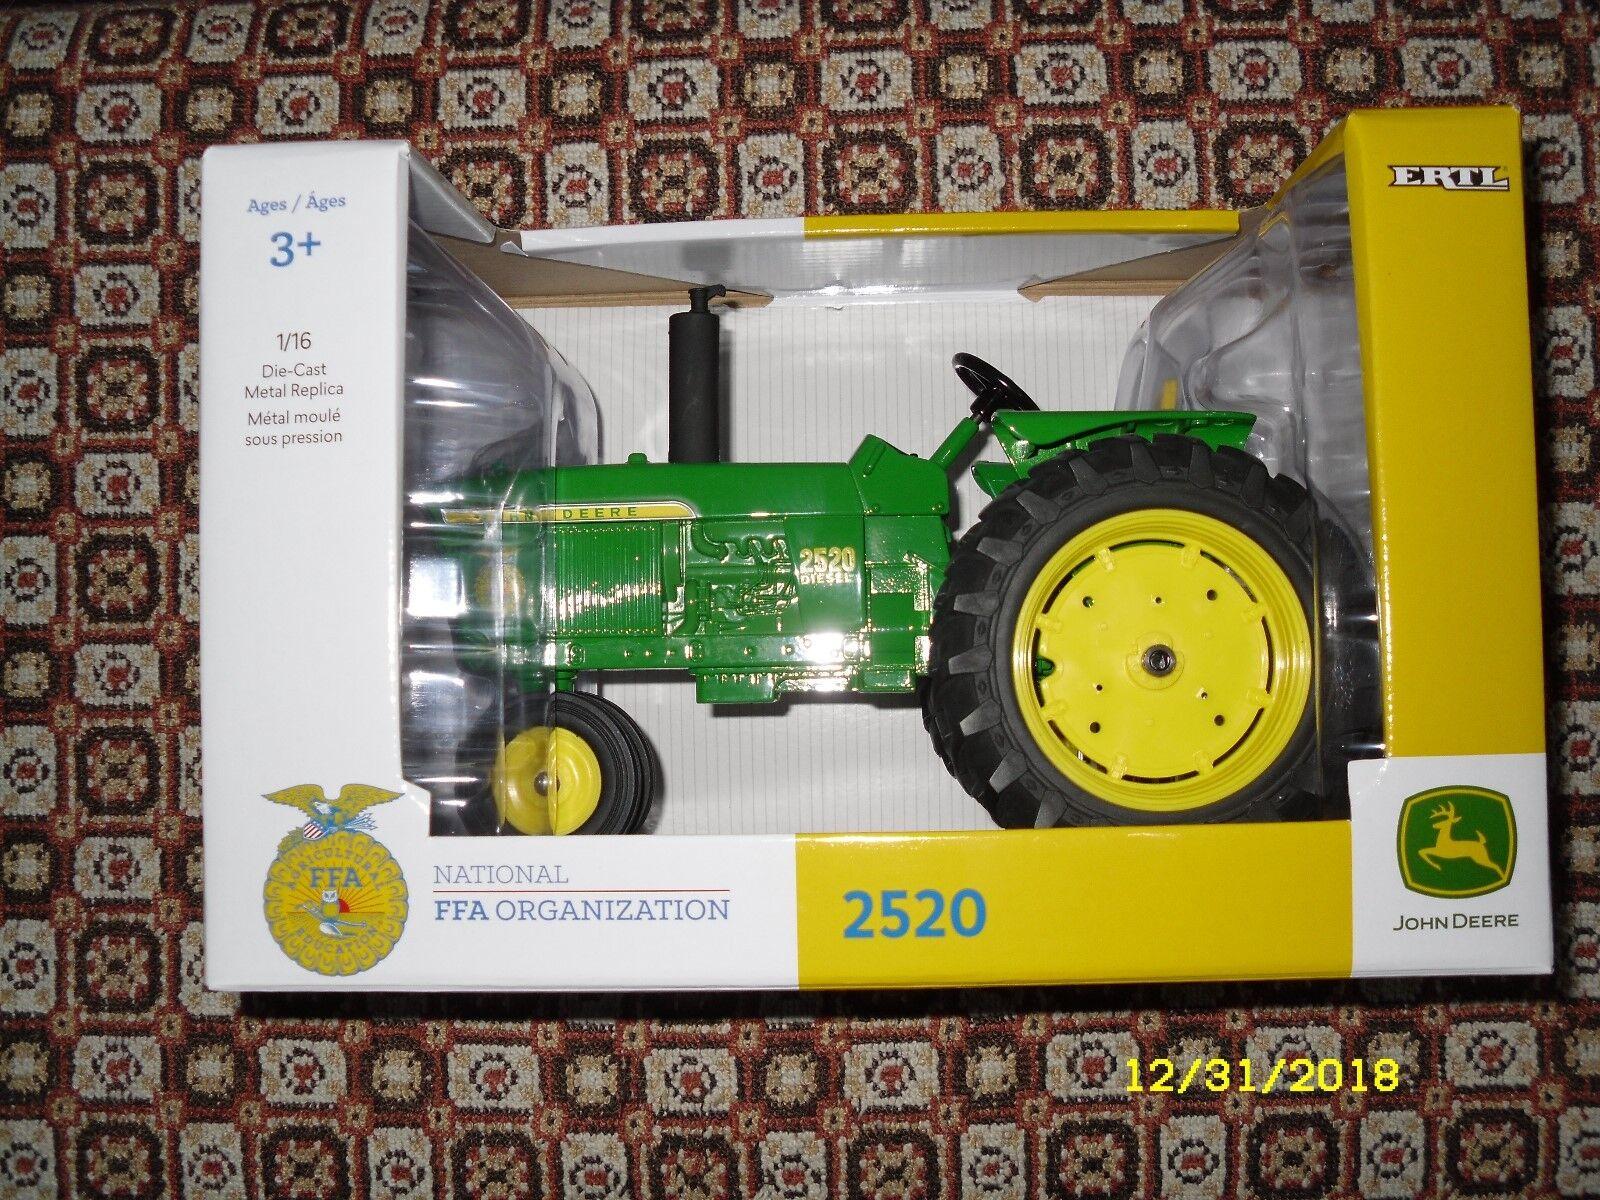 Ertl John Deere 1 16 2520 tractor con el logotipo de FFA    Sellado    Envío Gratis en EE. UU.